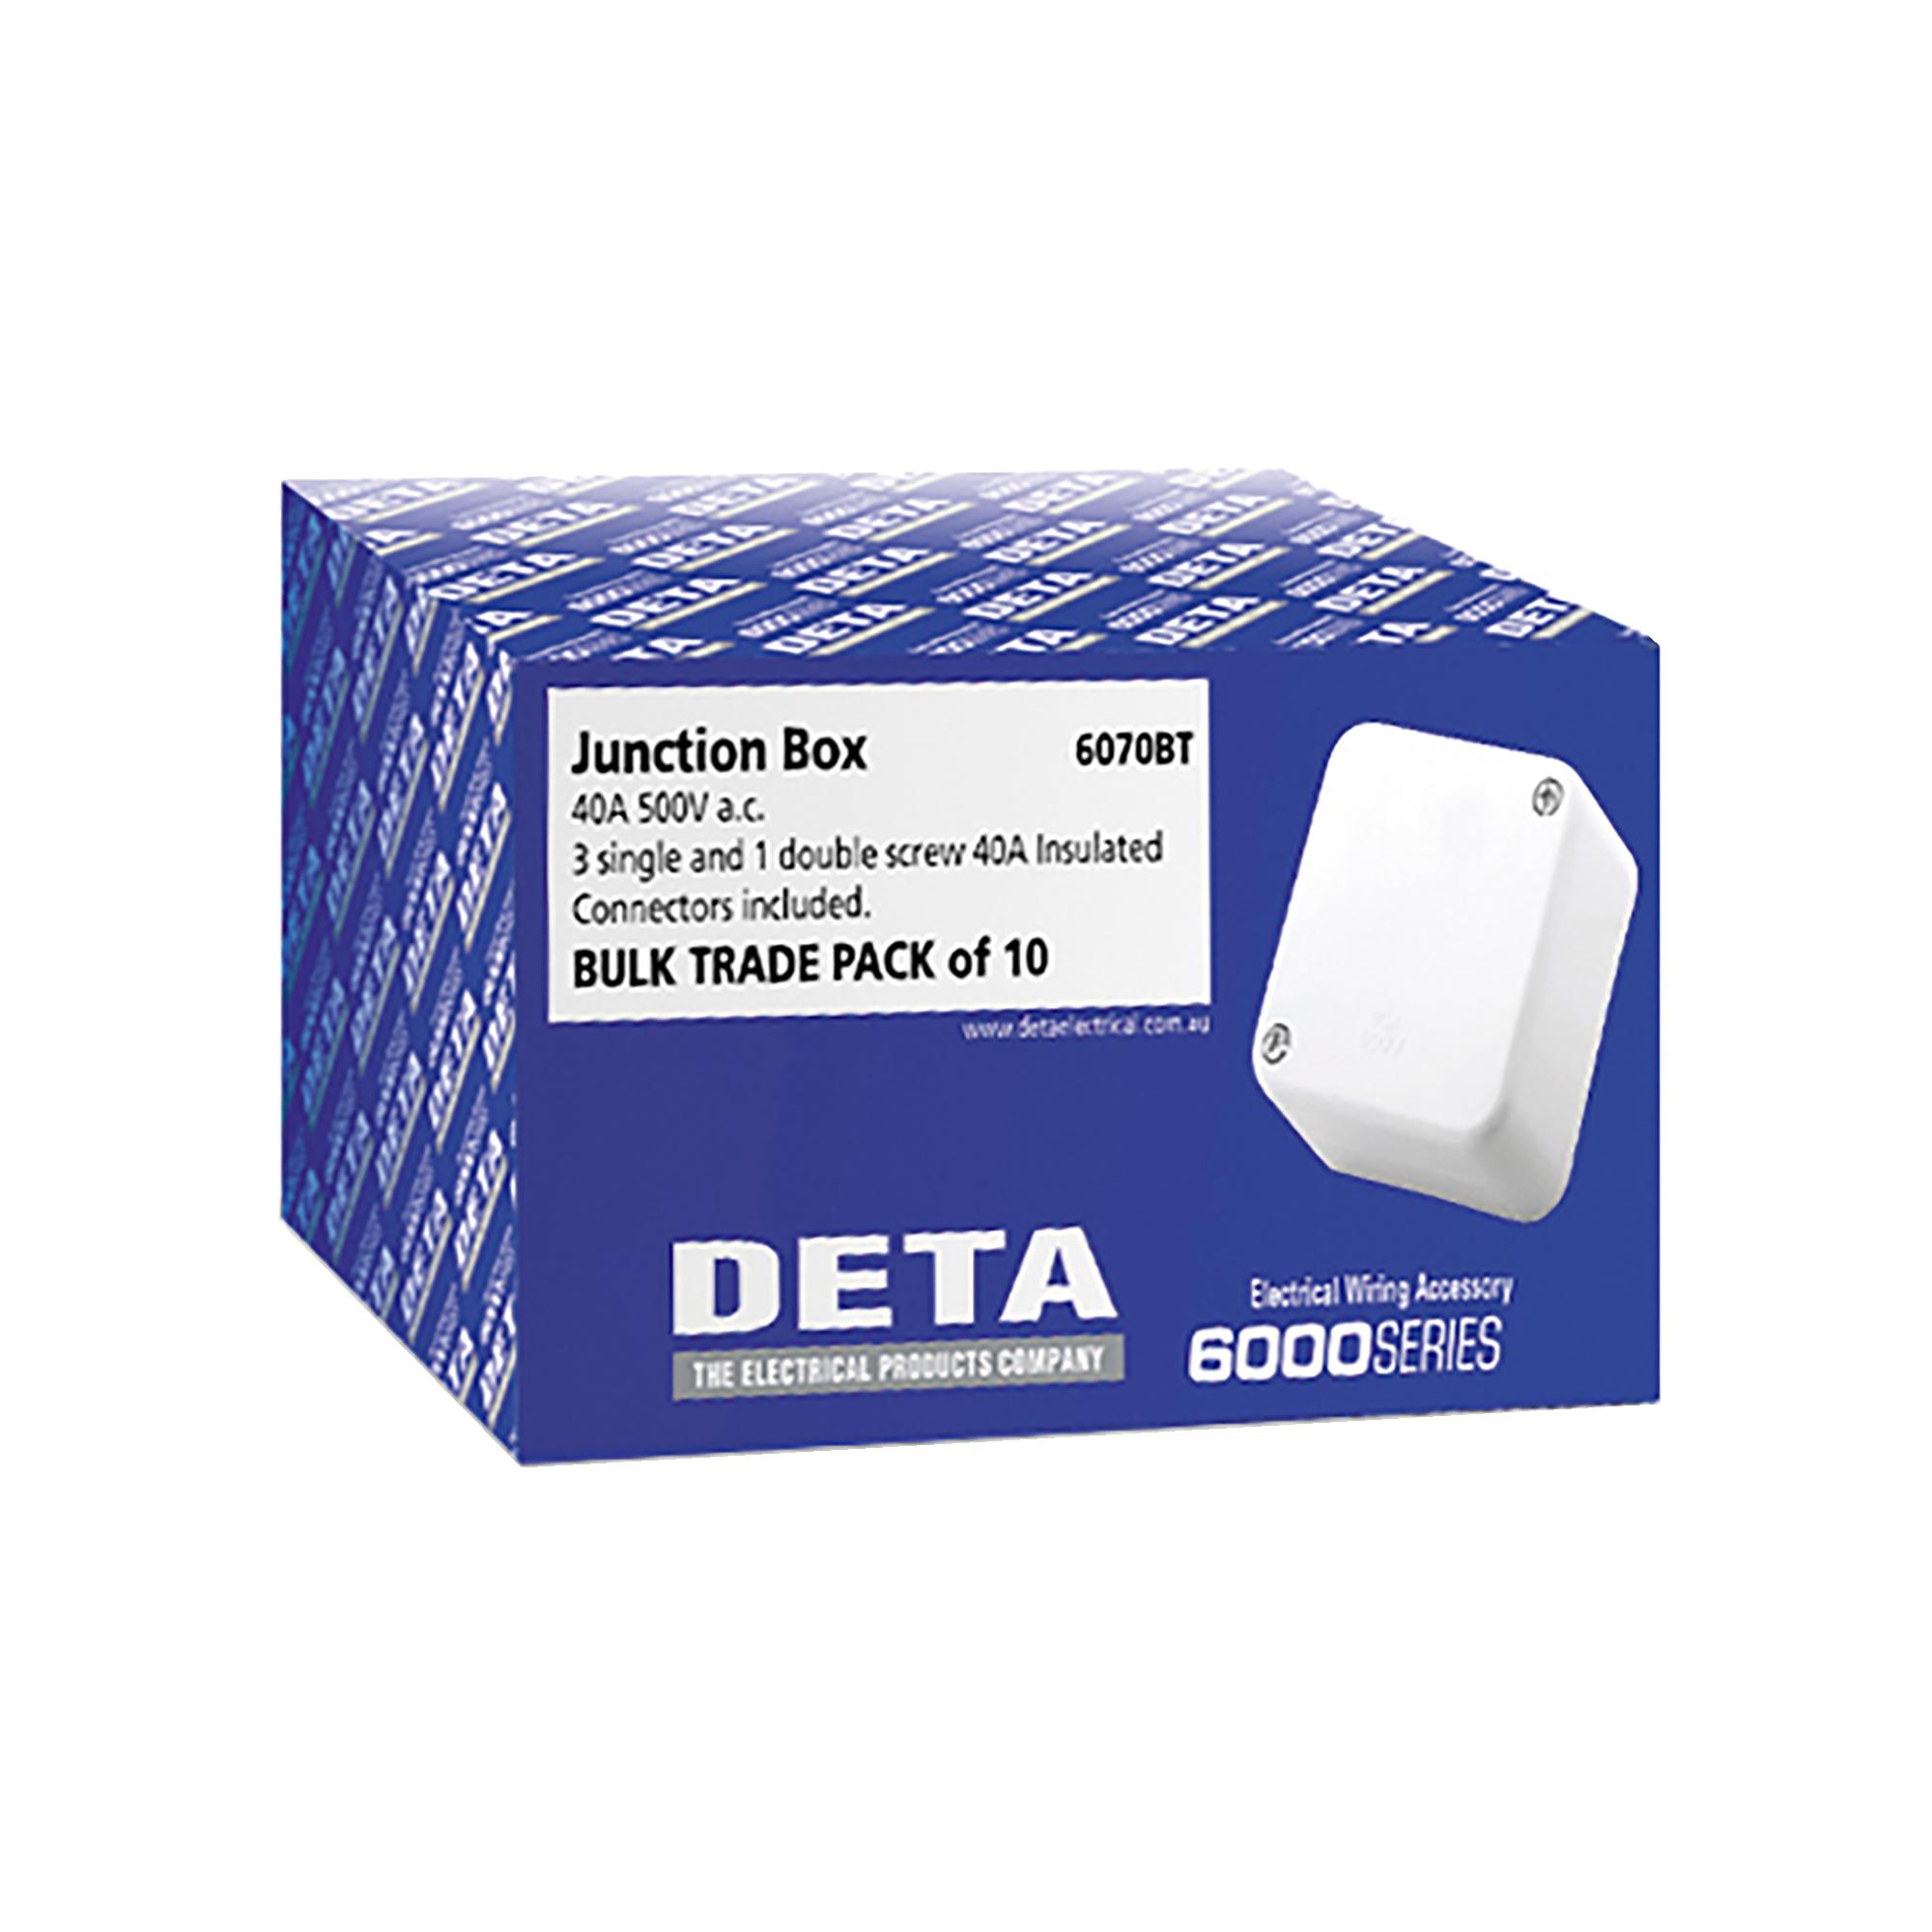 Deta junction box - 10 pack